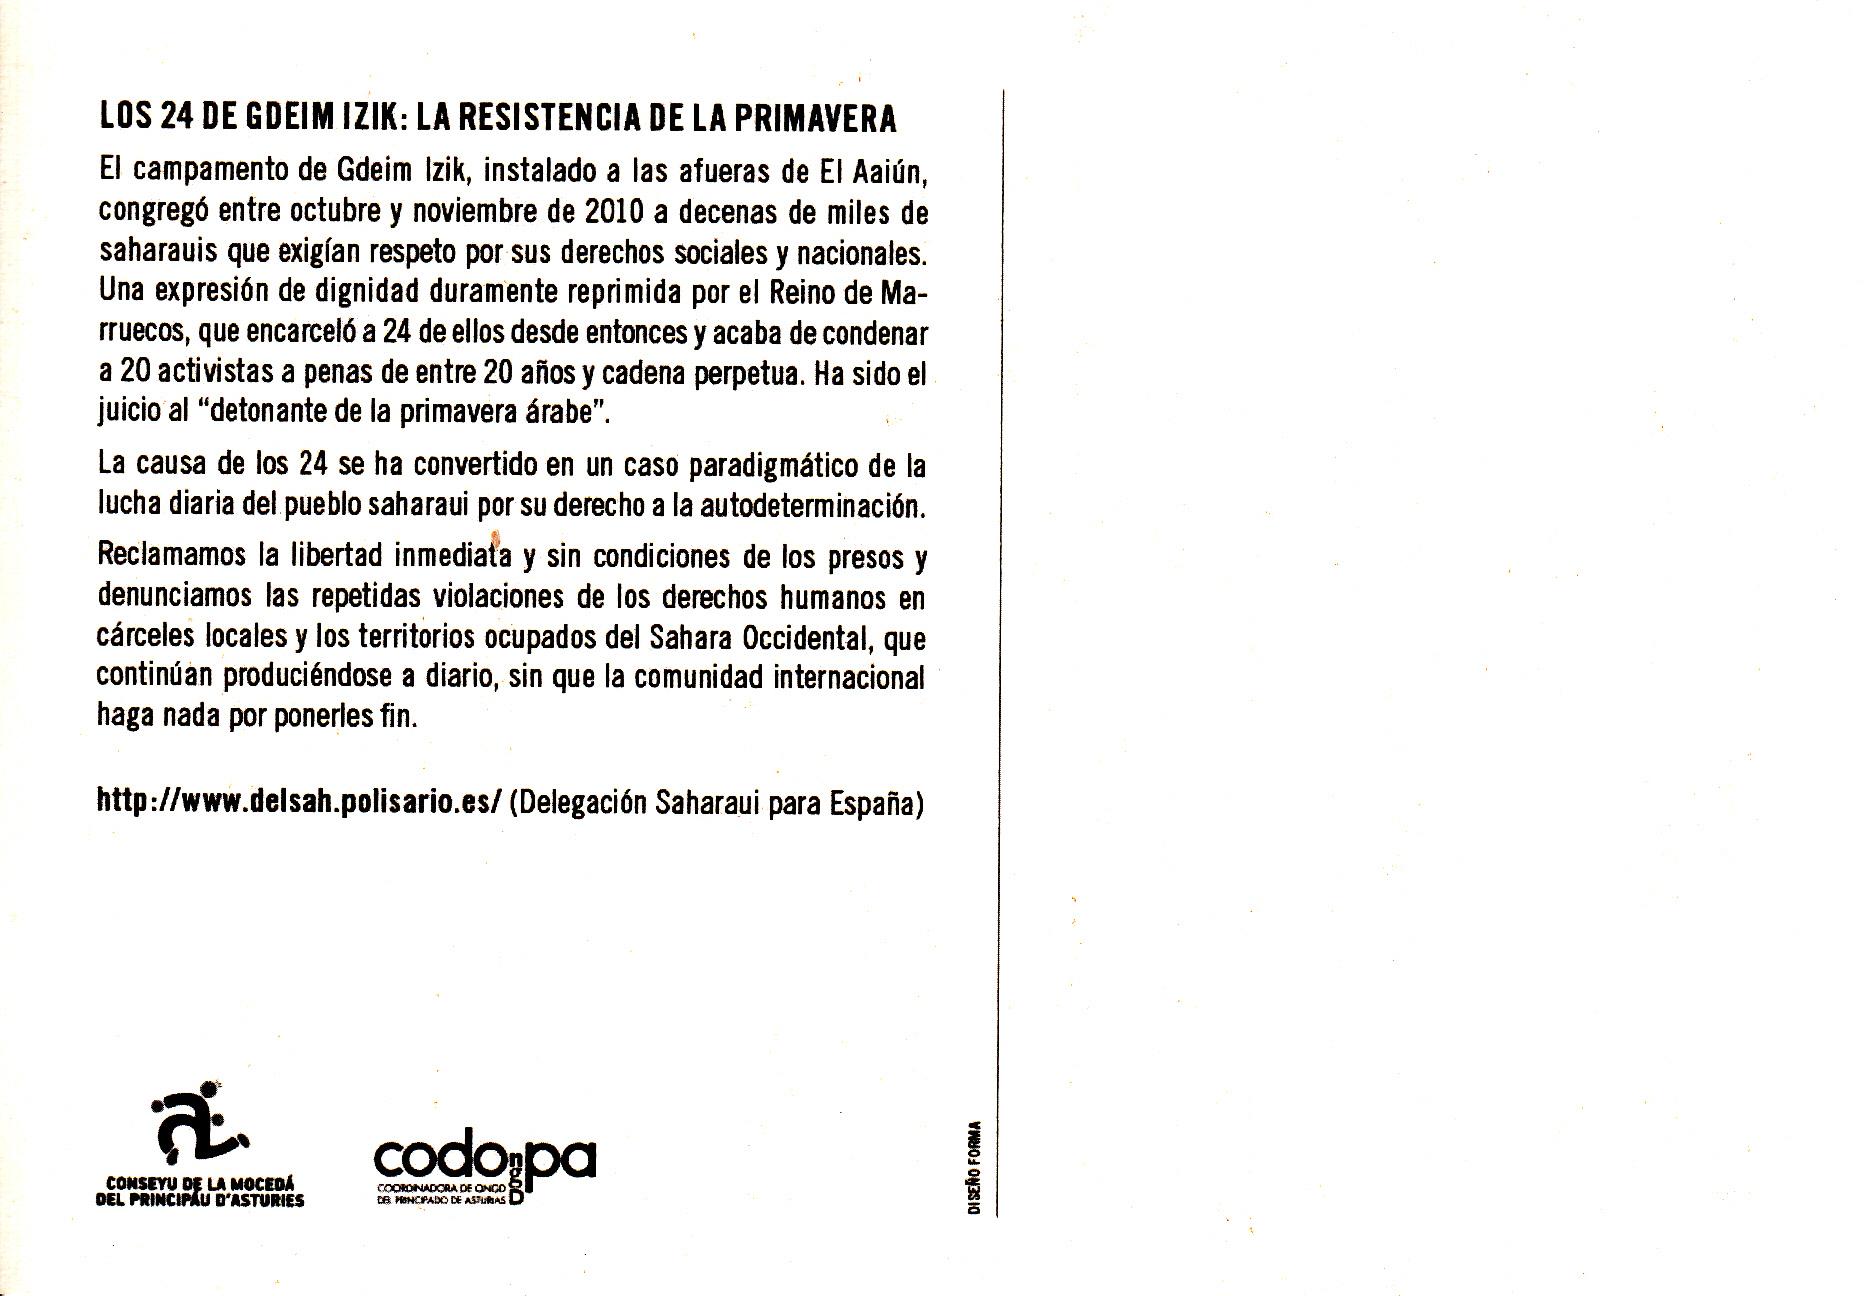 Codopa_0005